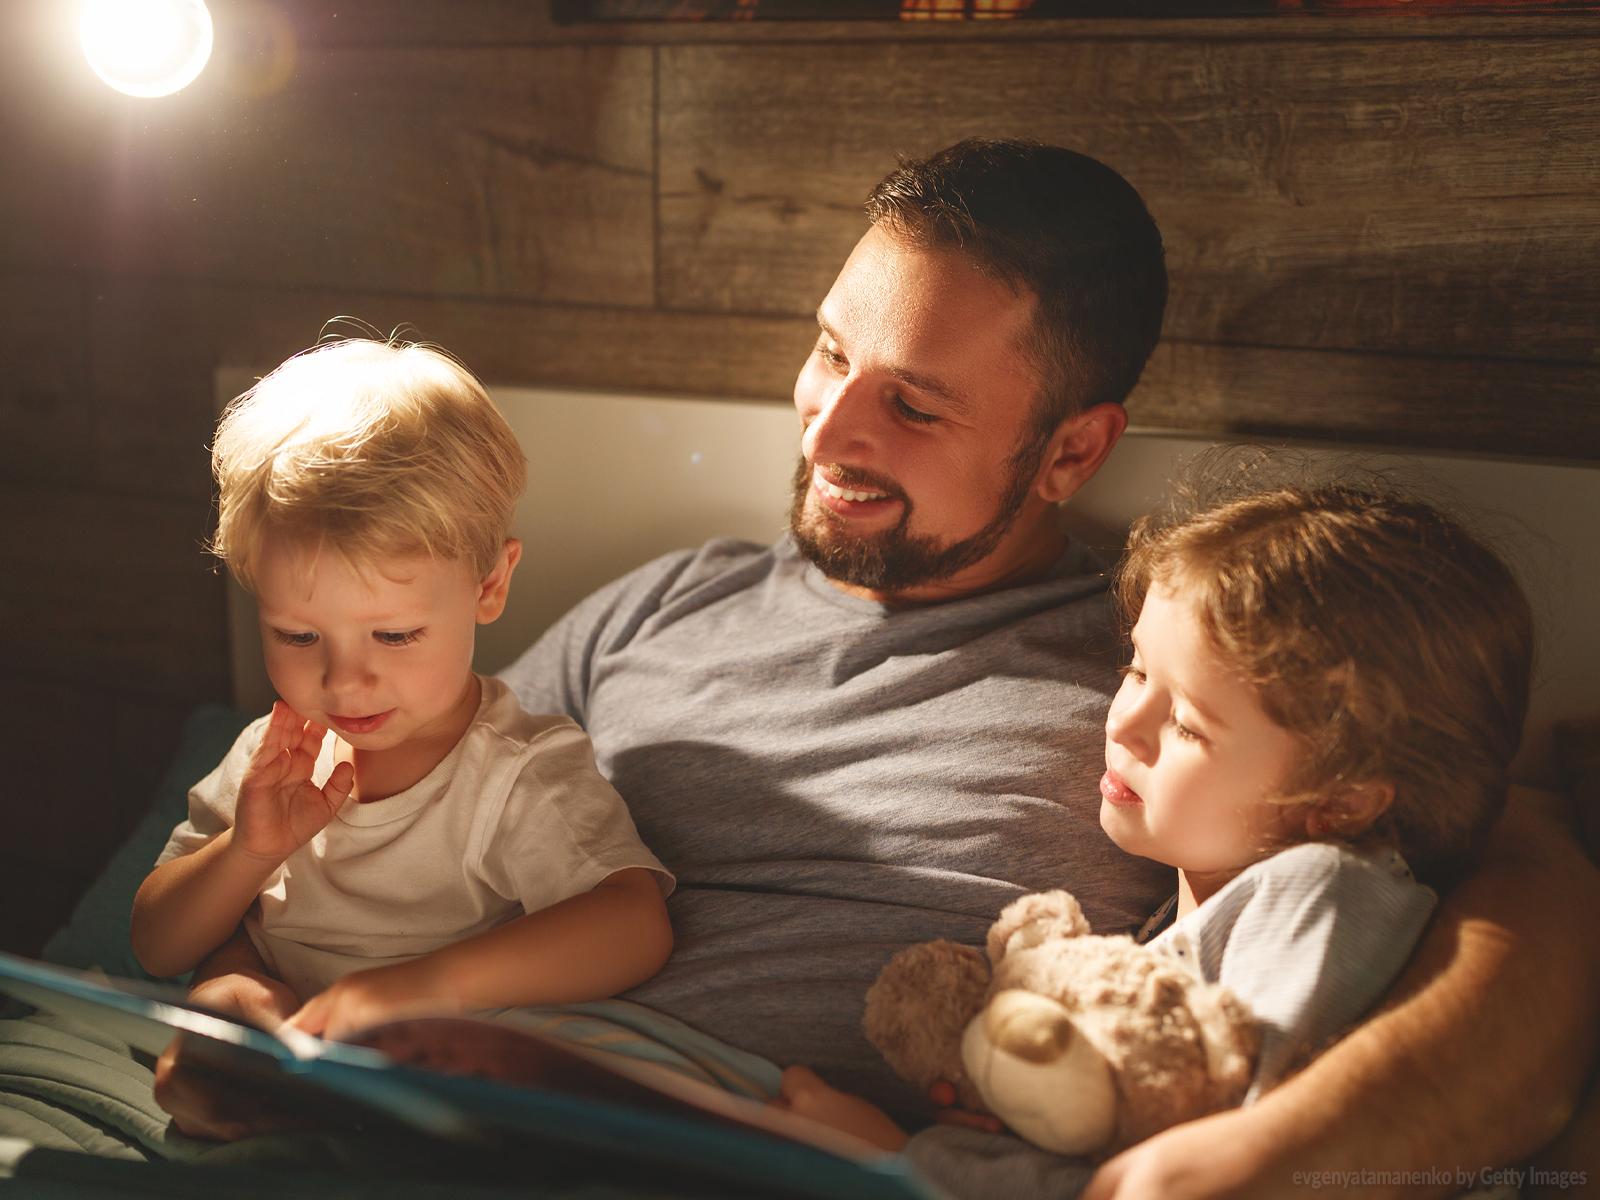 Pais, como educar nossos filhos hoje?